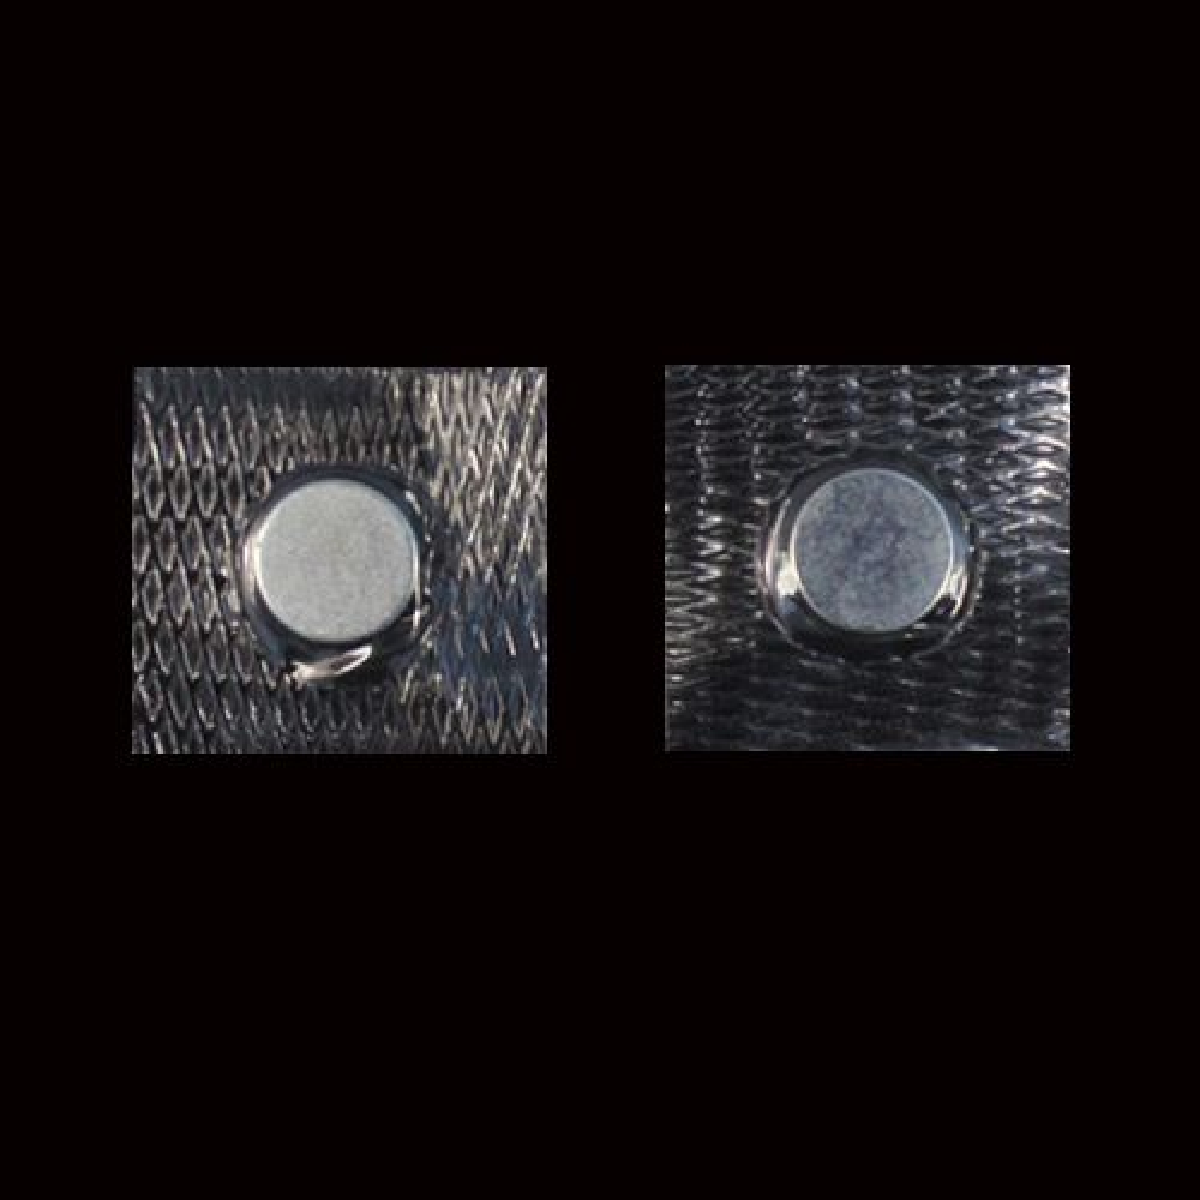 62125 Кнопка магнитная пришивн. 10мм /set комплект ГР